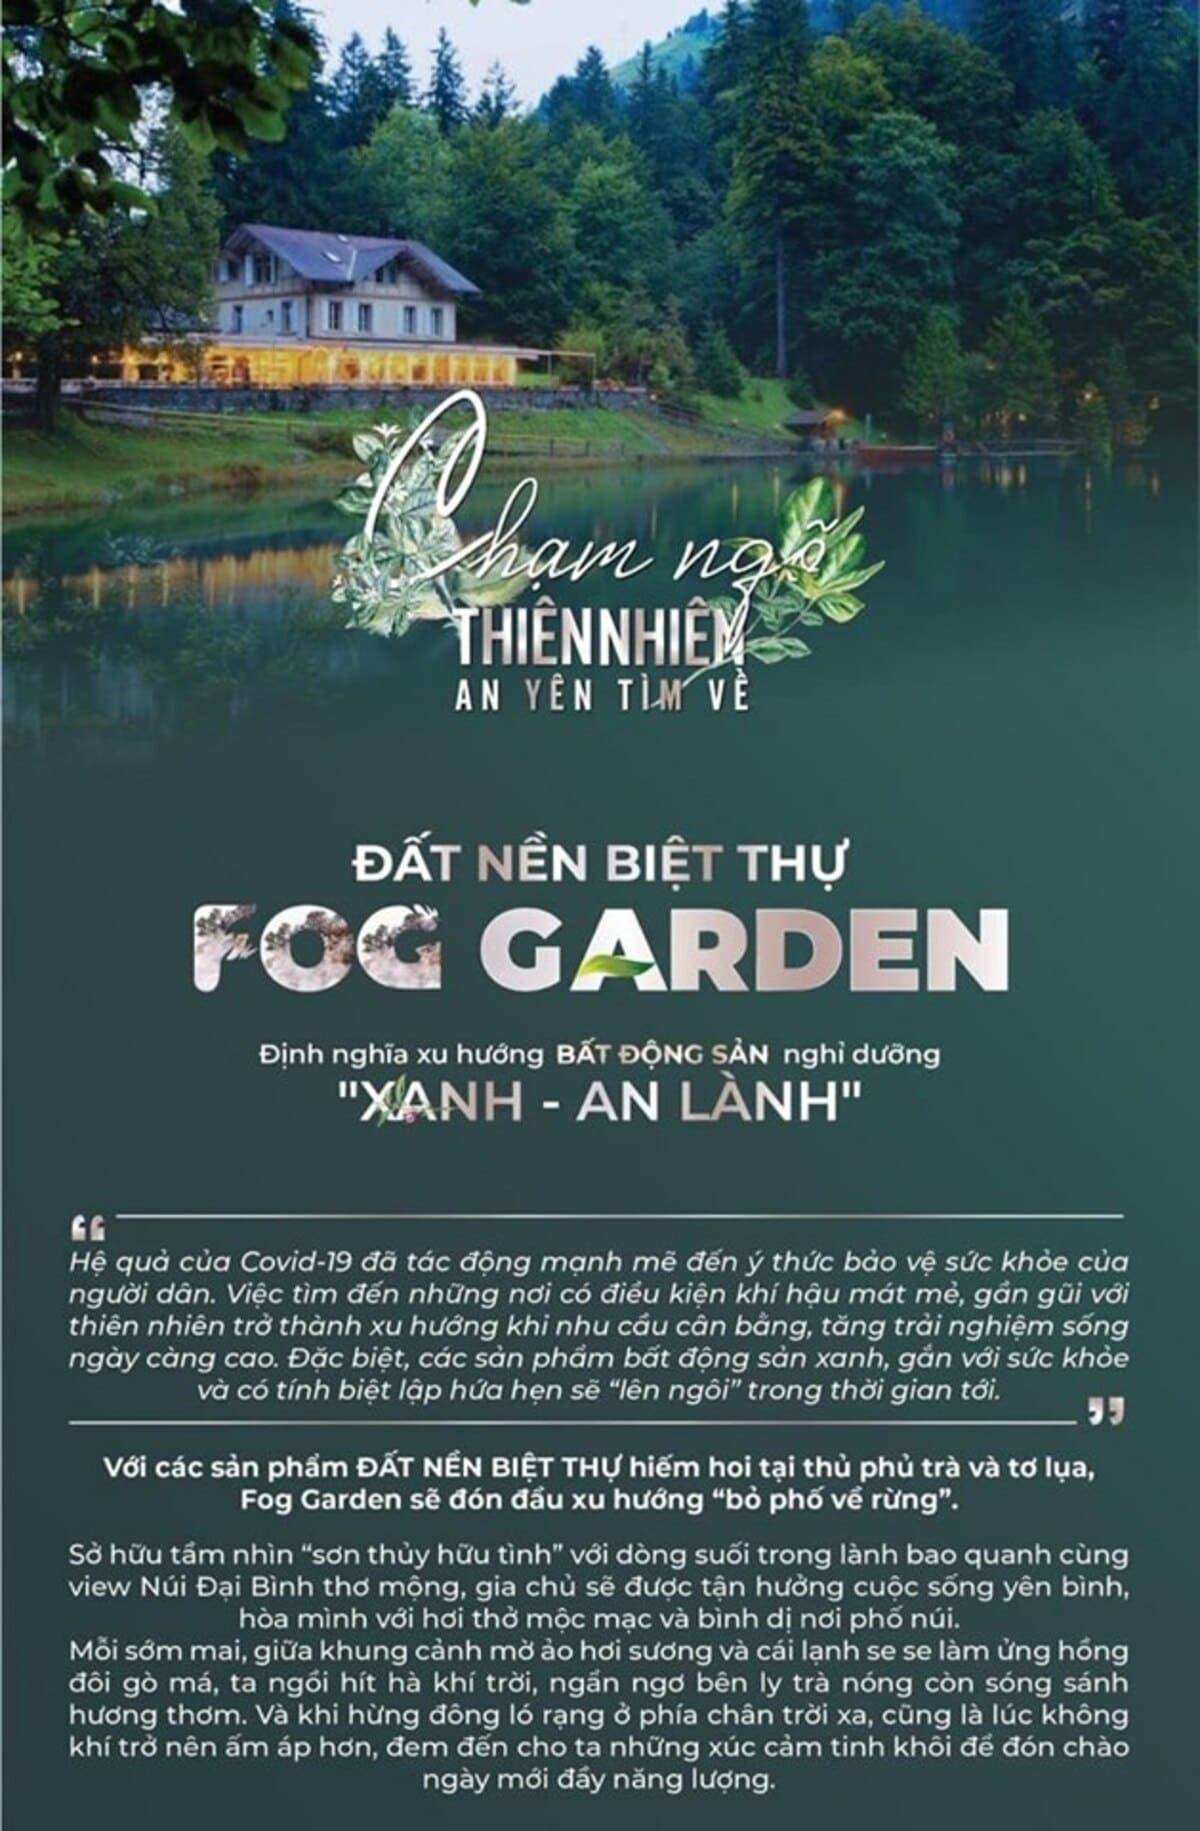 Du an Fog Garden Bao Loc